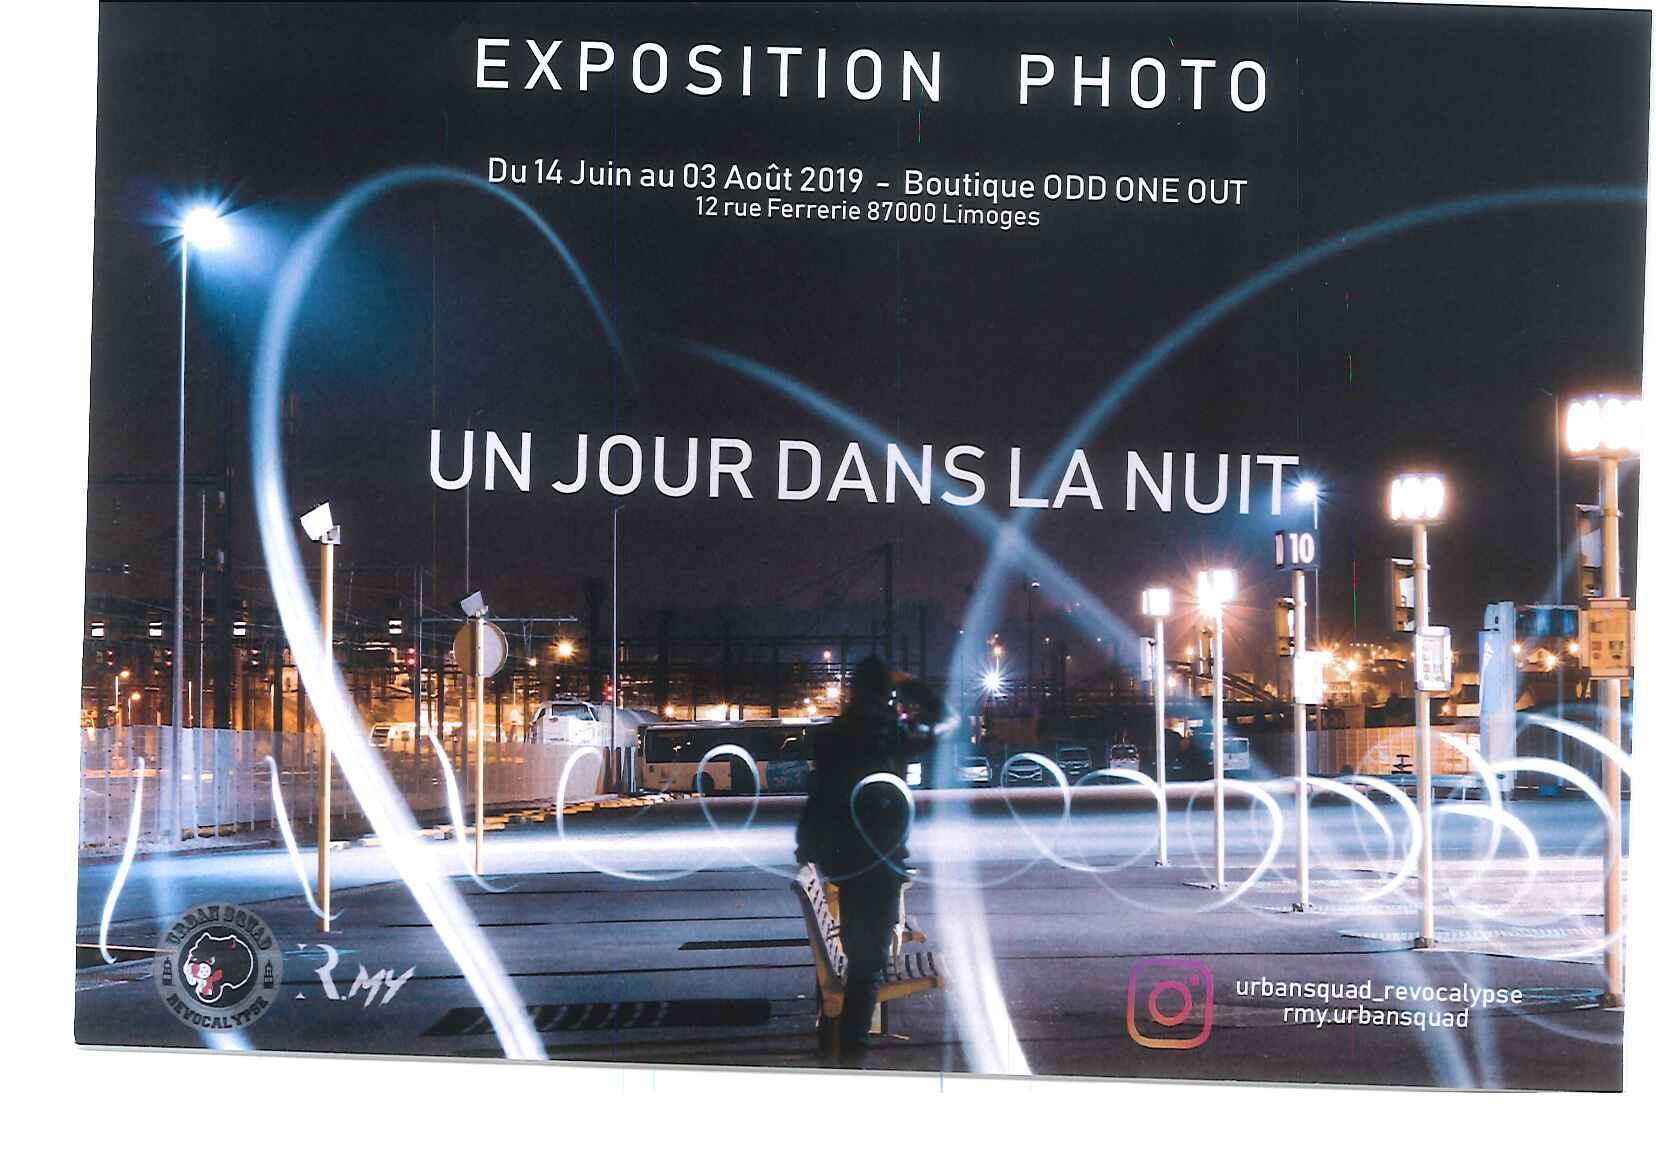 Limoges : Un jour dans la nuit